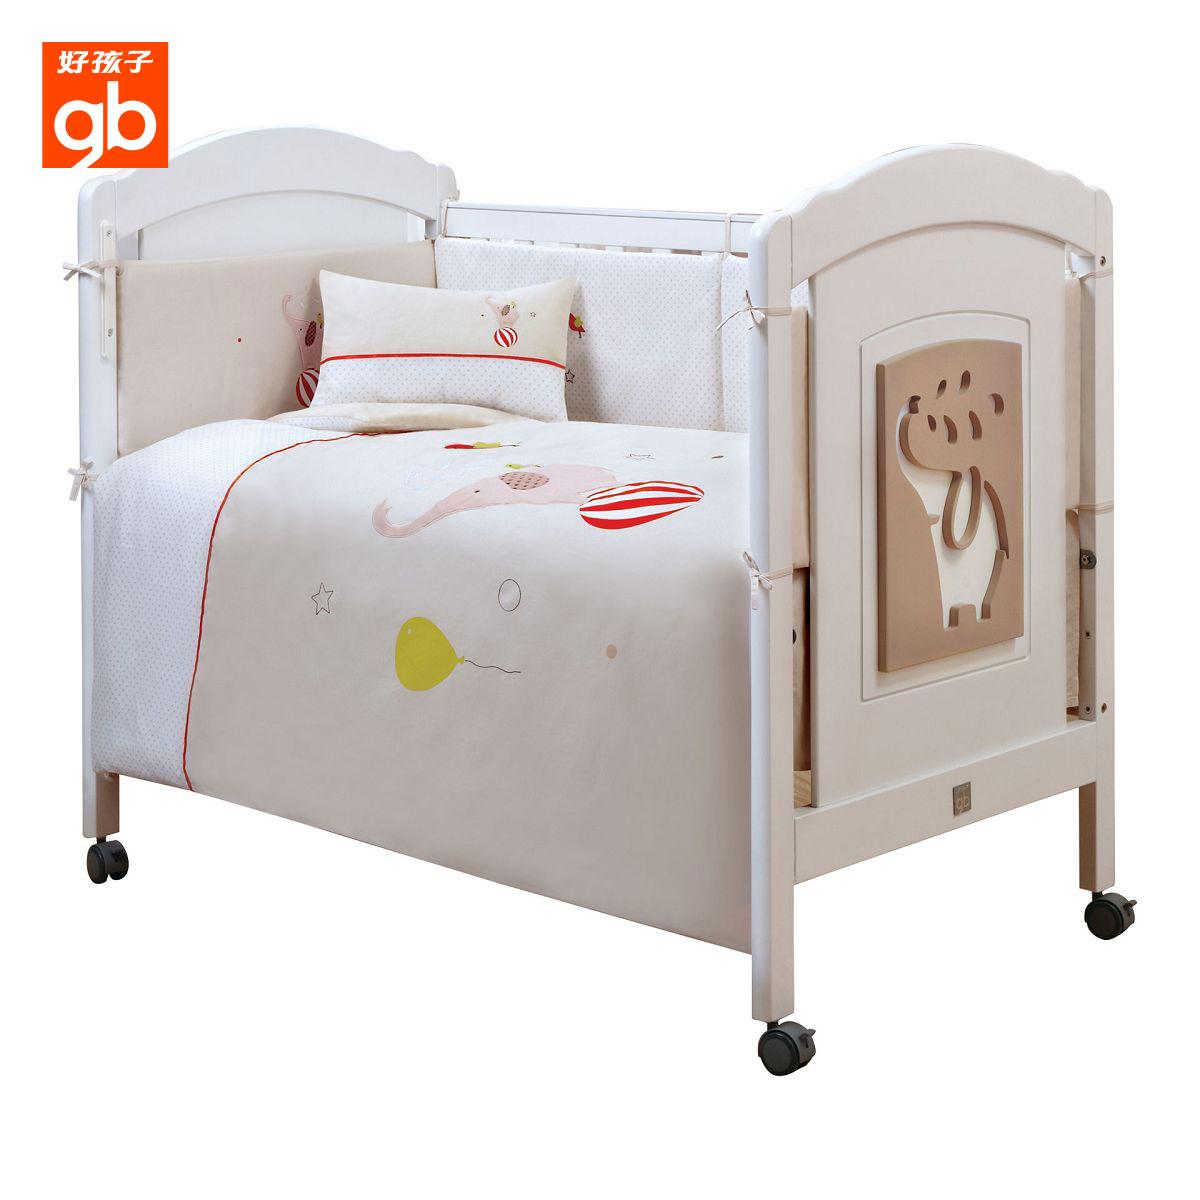 良い子の赤ちゃん寝具九点セット綿ベビーベッドベッドを綿赤ちゃん寝具セット